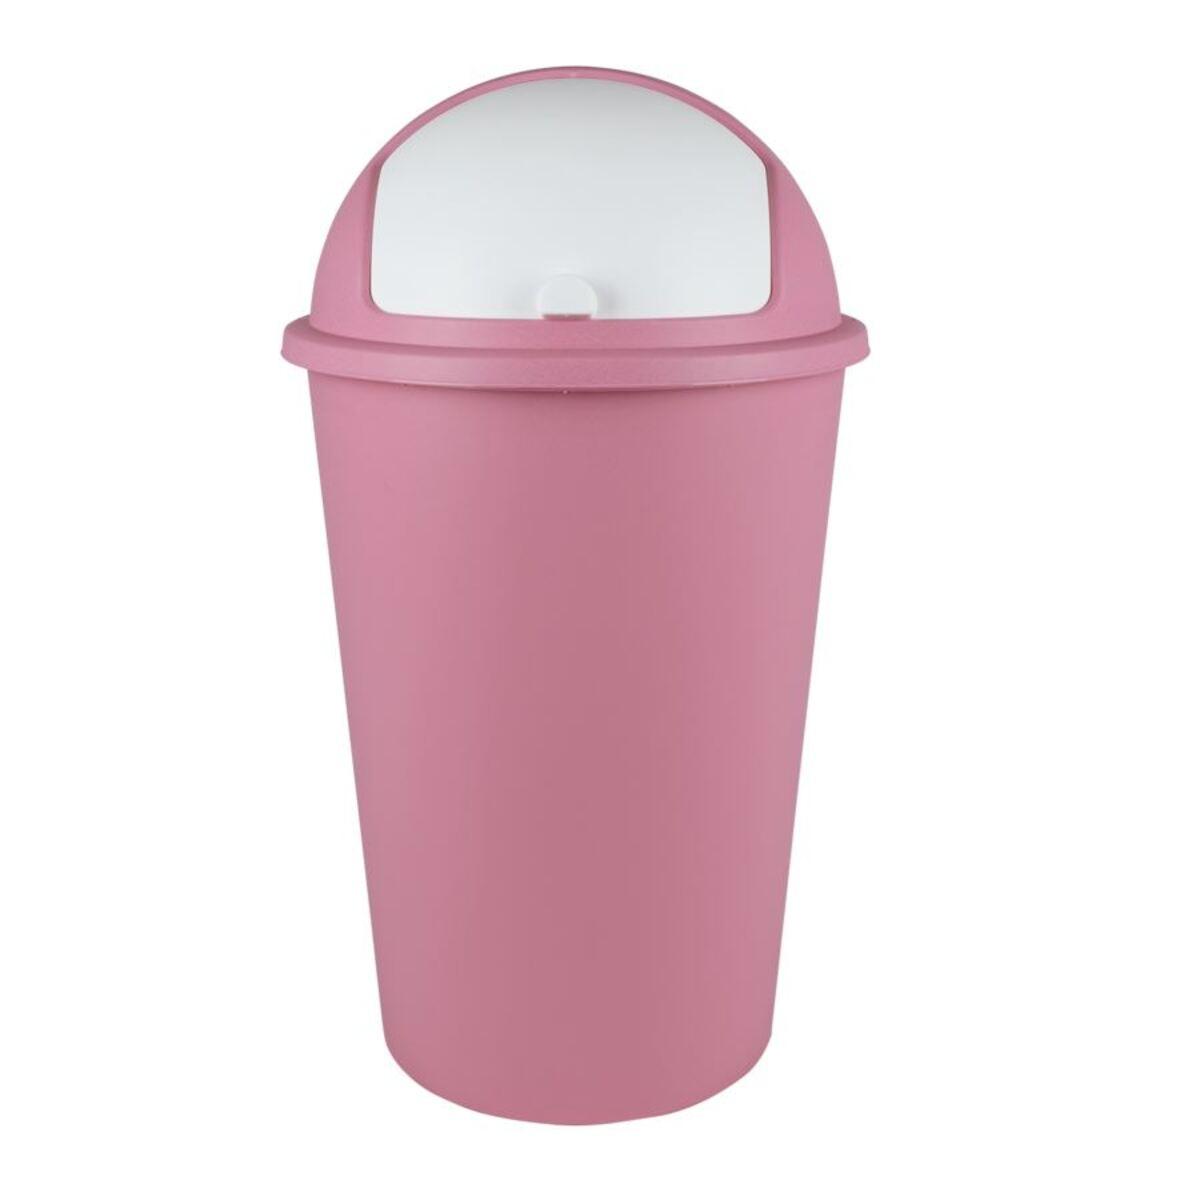 Bild 5 von Push Bin Abfalleimer 50 Liter